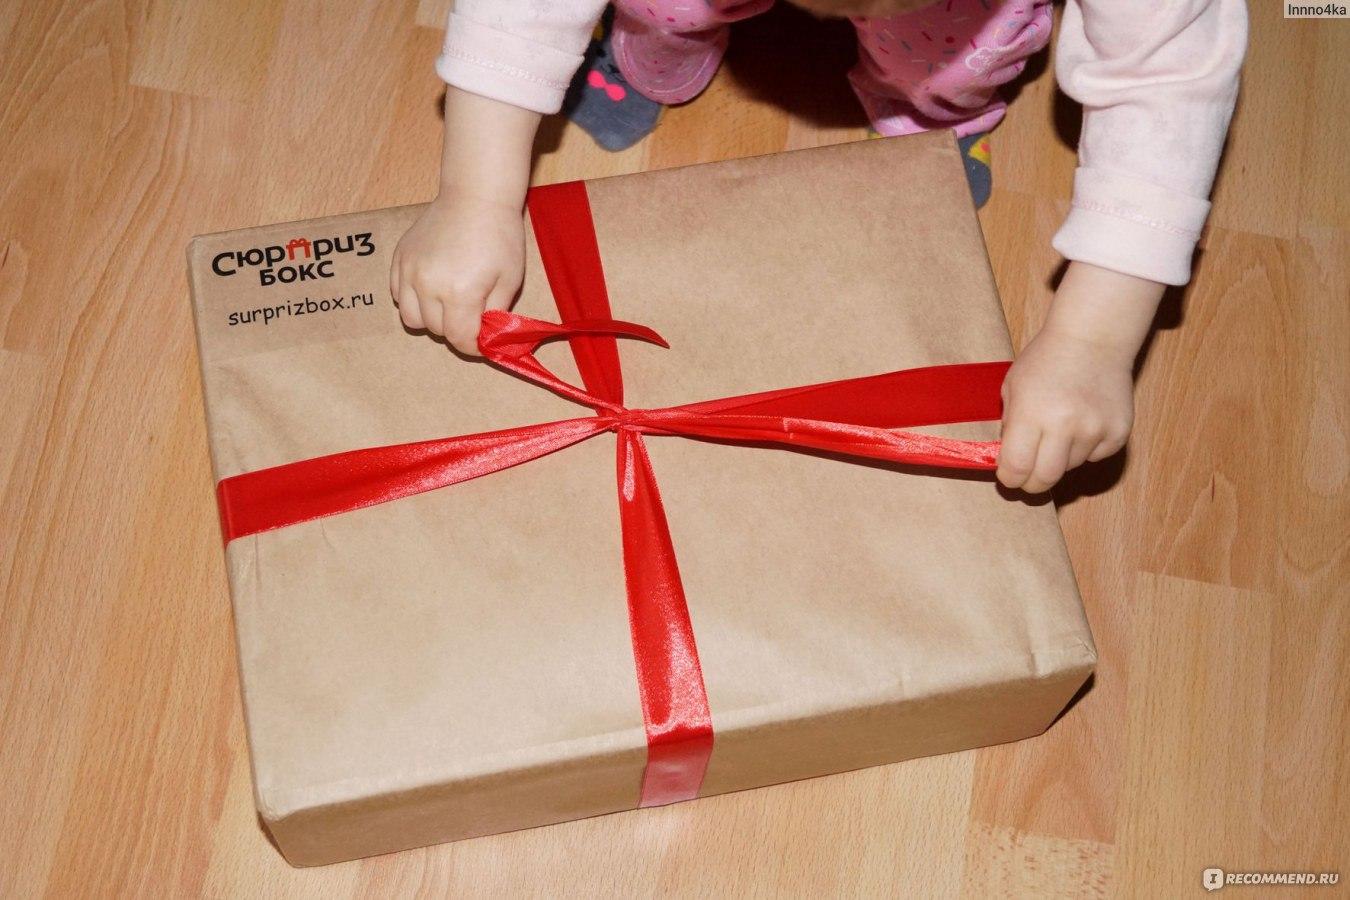 MegaBox : подарки - сюрпризы в 63